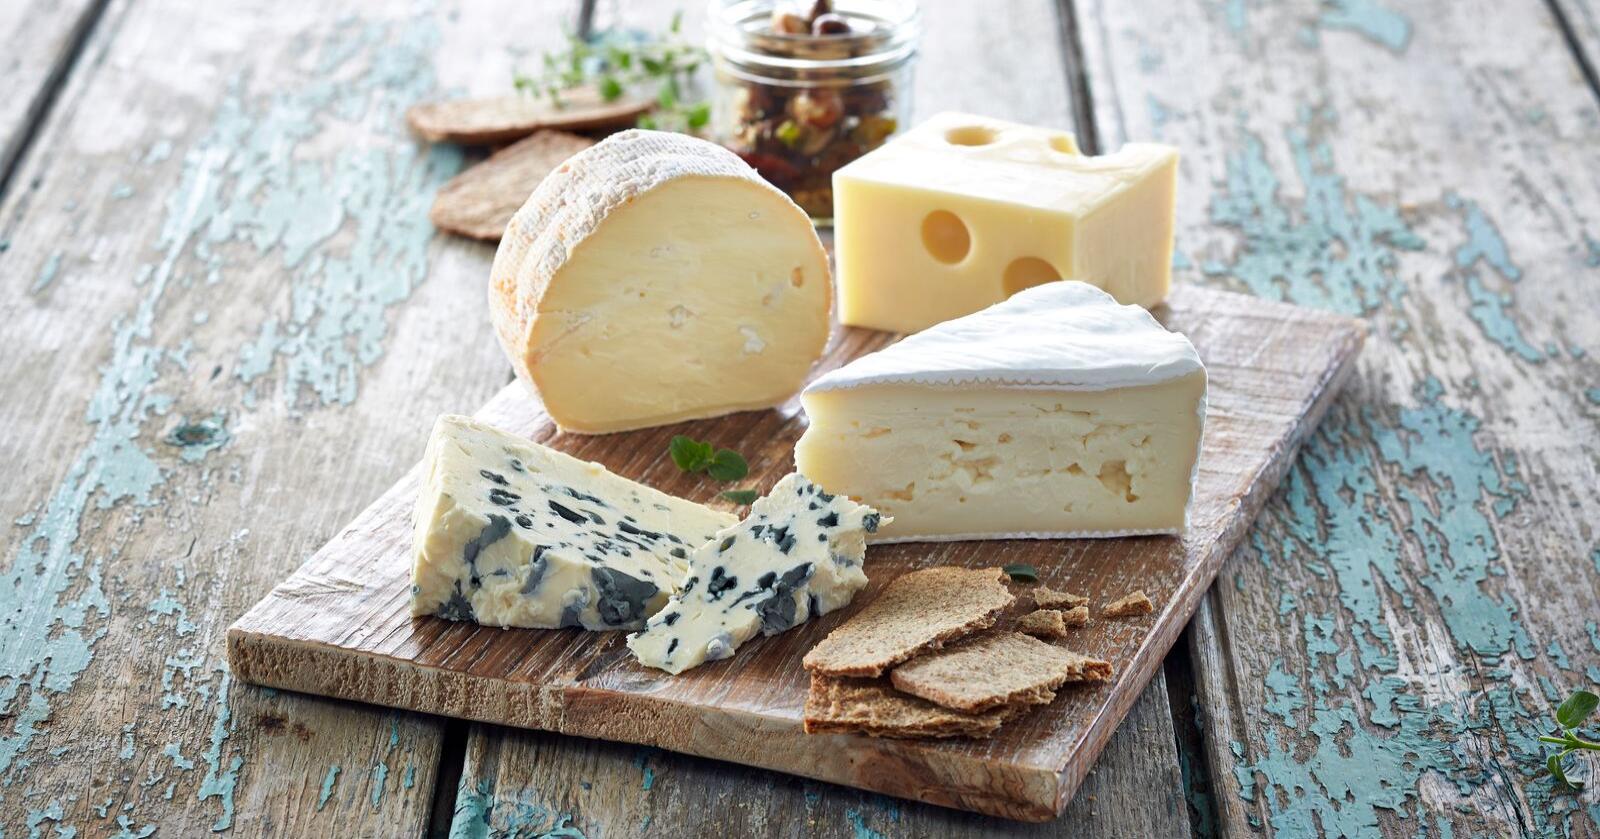 Det er en jungel av oster, og det er ikke lett å vite hvilke man bør droppe som gravid. Foto: Melk.no